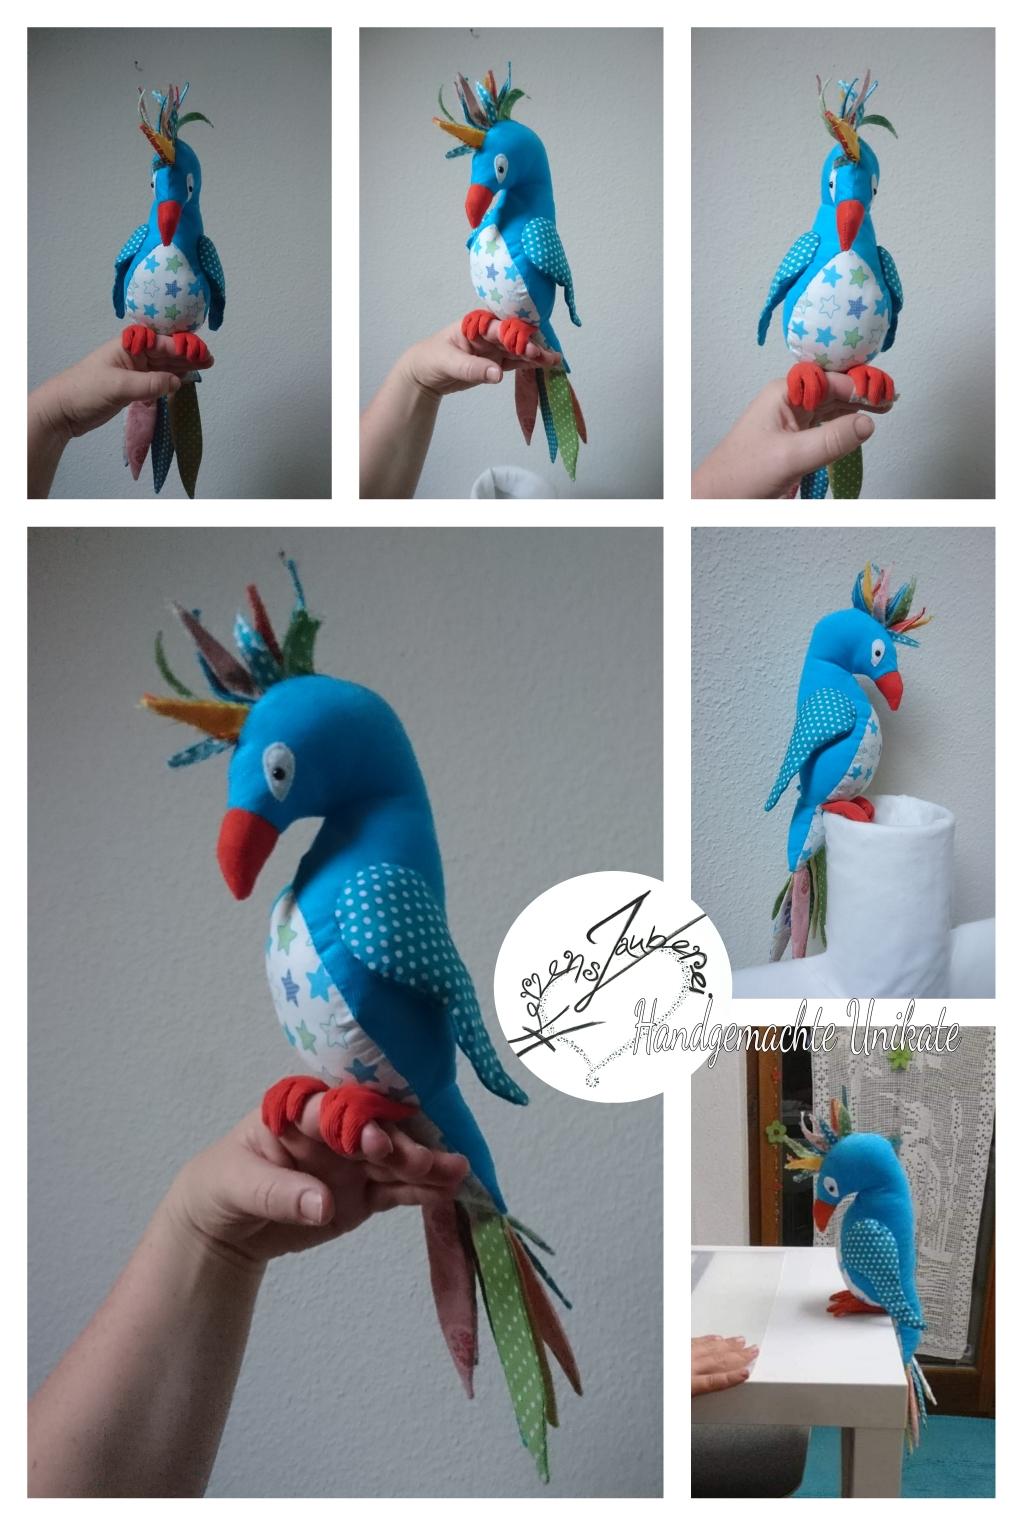 Vogel nach einer Kinderfantasie gefertigt